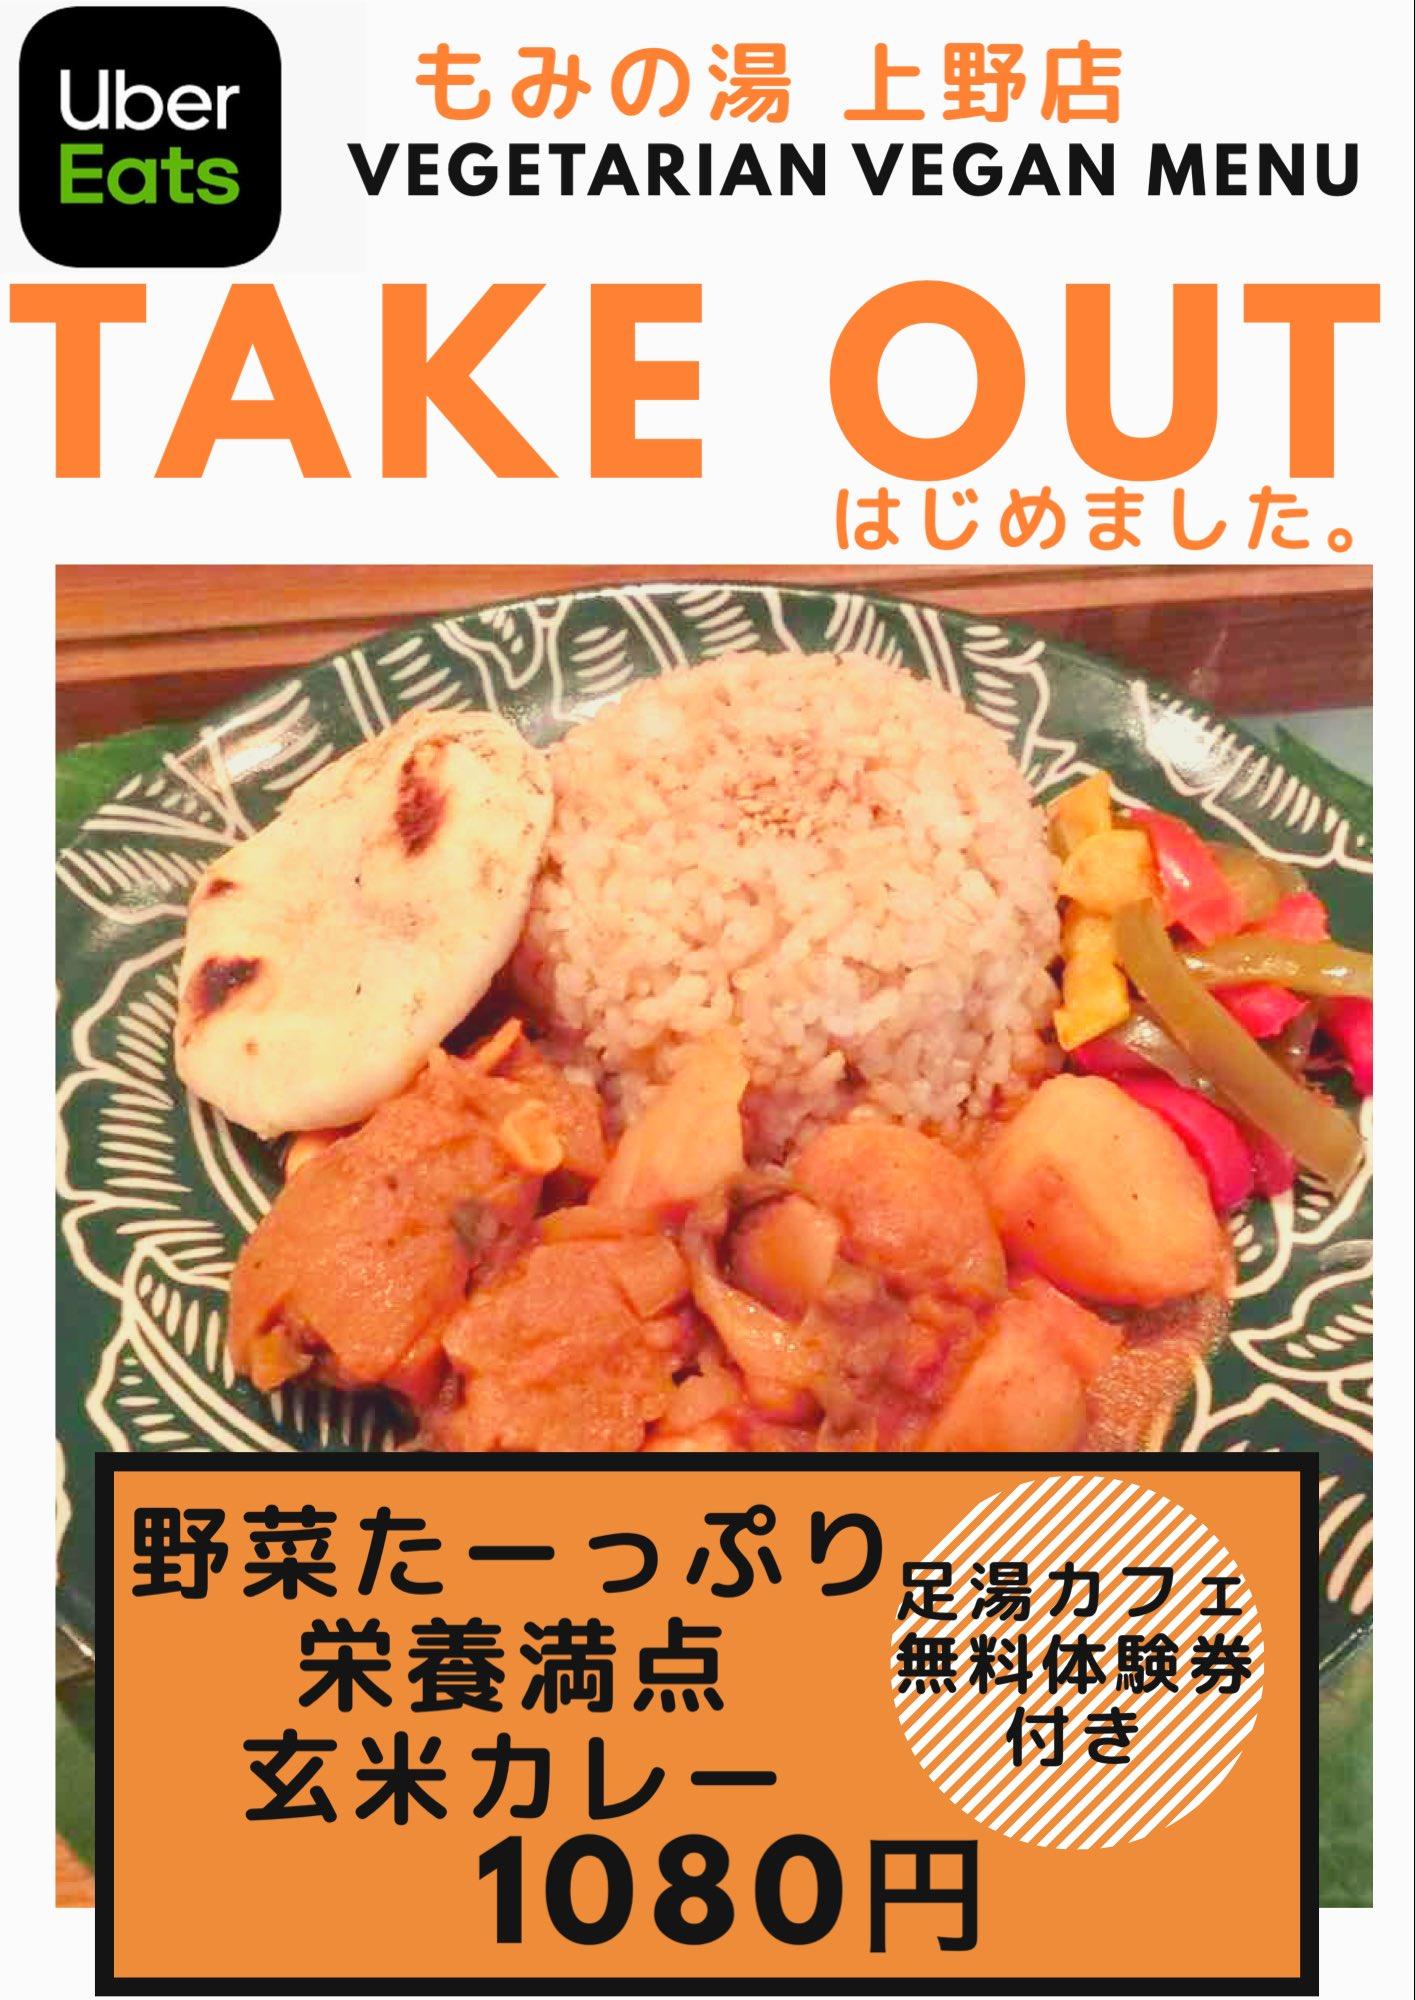 もみの湯 上野店 もみの気無農薬 玄米ごろごろ野菜カレー 1000円!